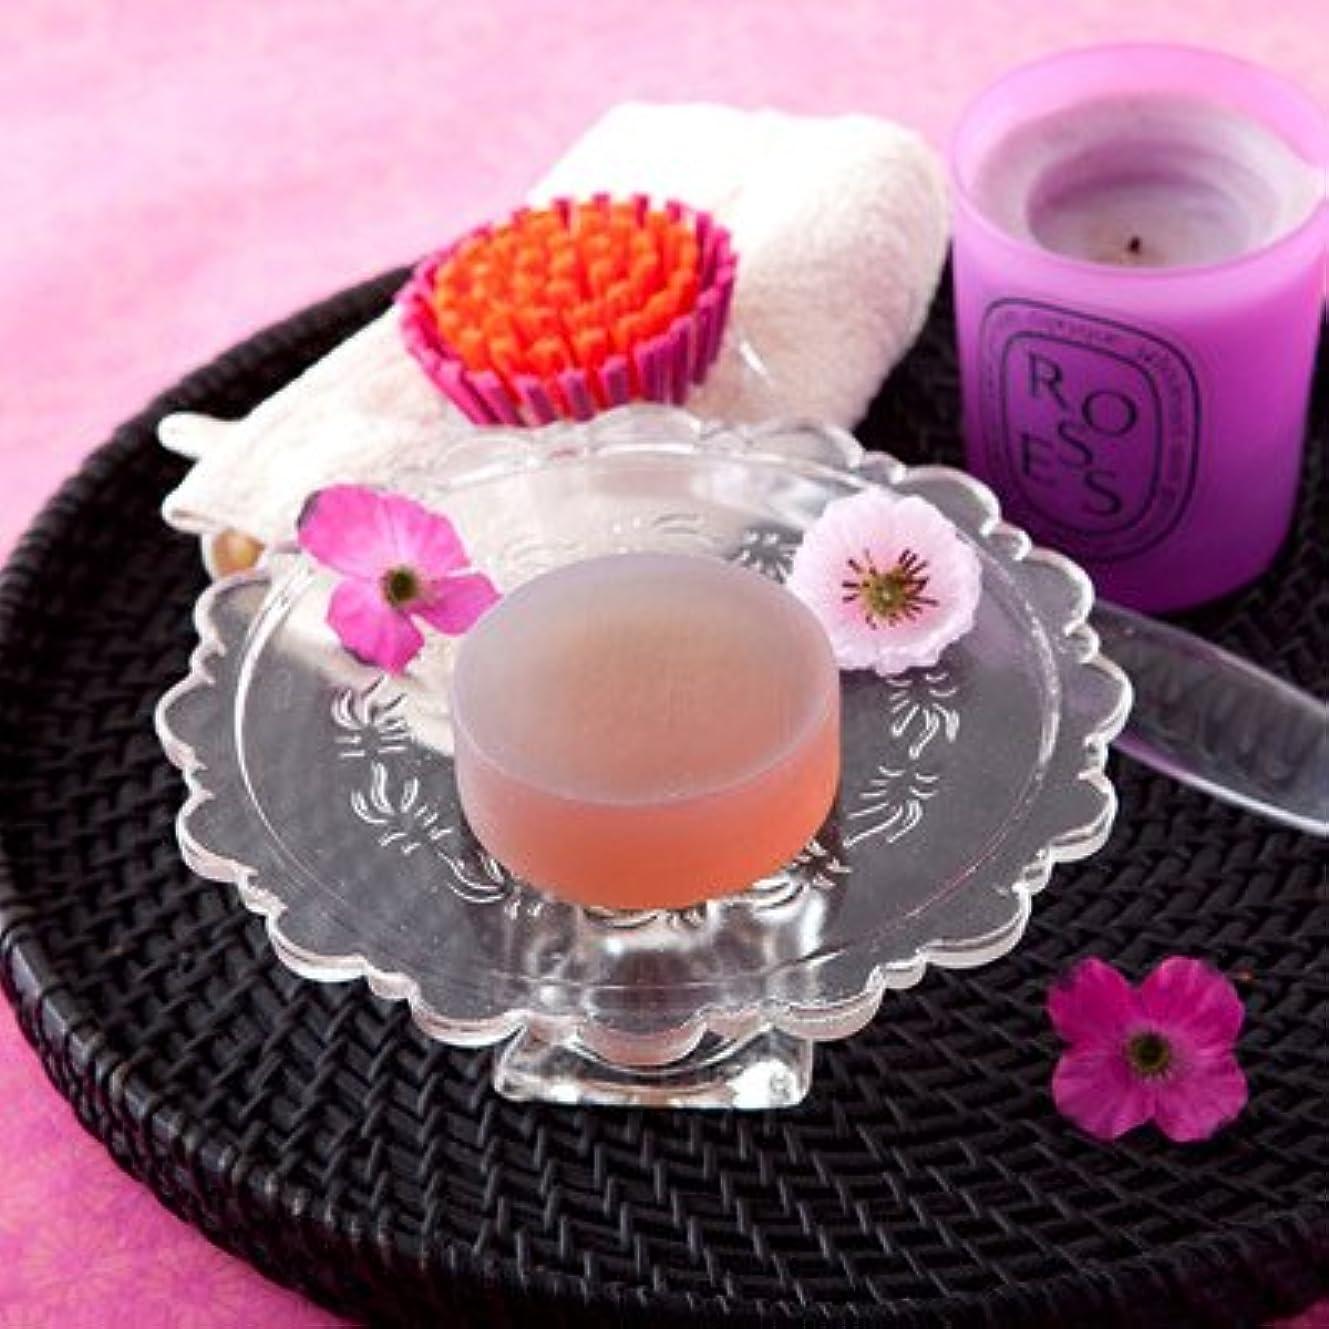 牽引偽善ことわざお肌の弱い方も安心なクリアソープセット ペアローザ エステソープ 紫潤(2個セット)